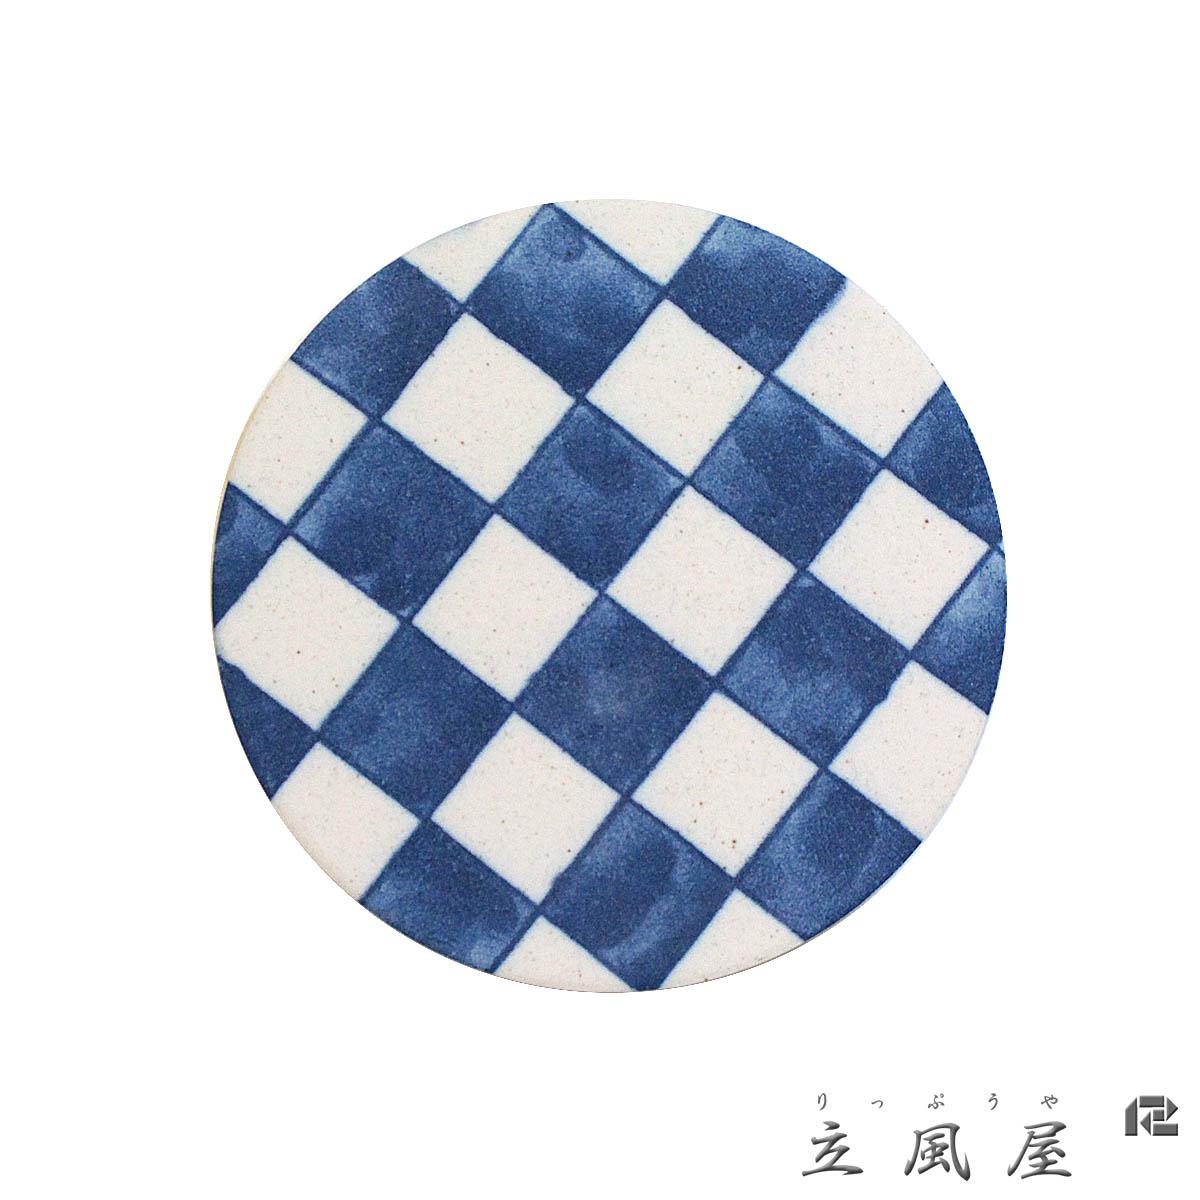 おしゃれ(オシャレ・お洒落)な珪藻土コースター 和風柄 がモダン 藍文様シリーズ 市松